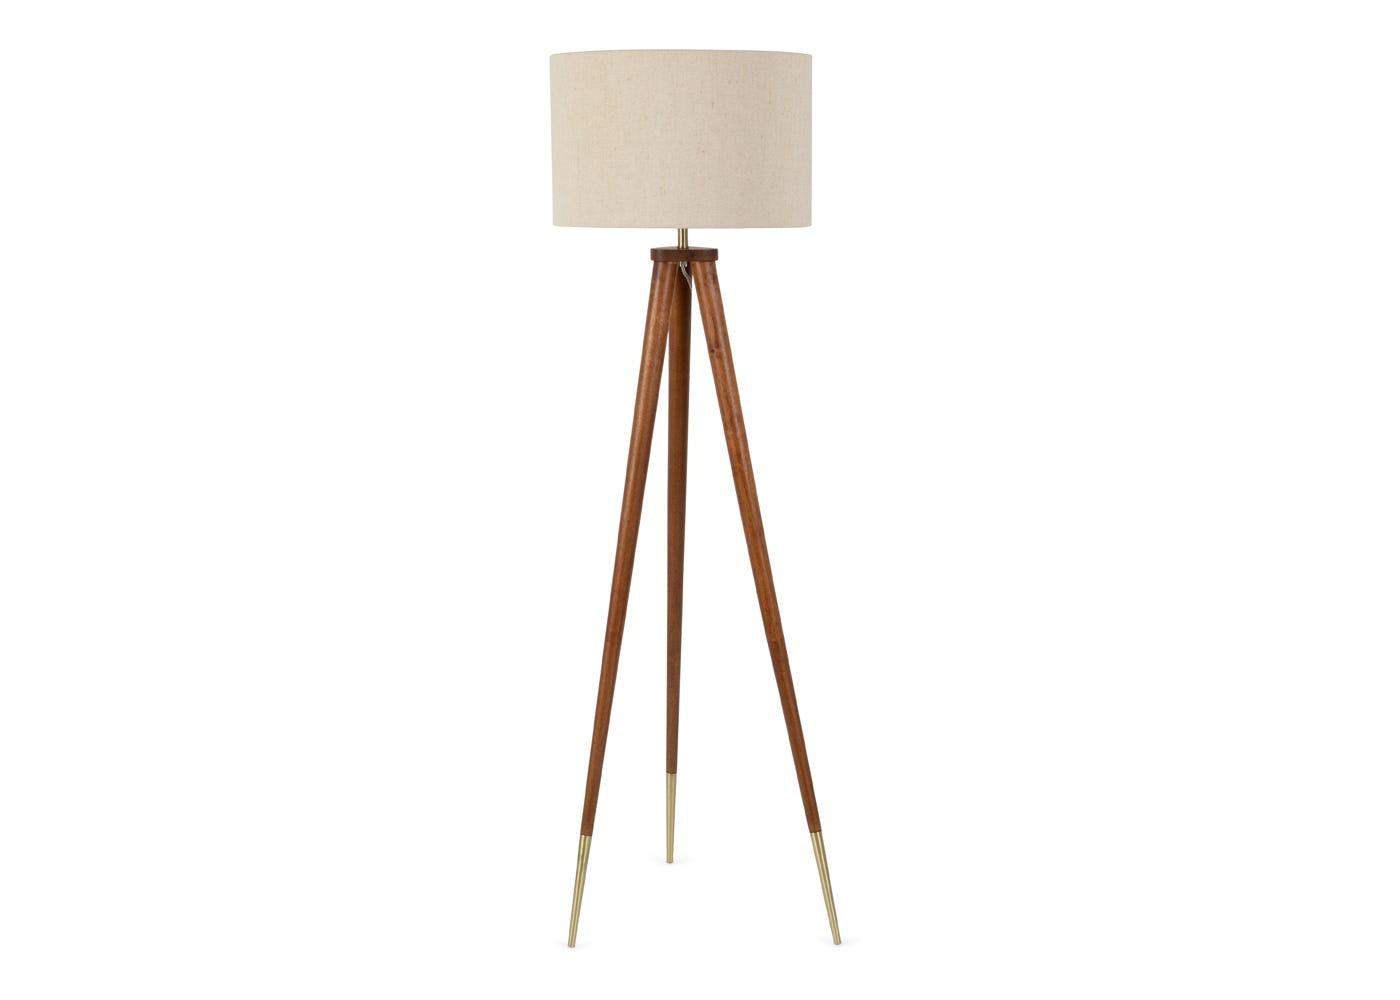 Hawkins solid walnut tripod floor lamp with shade.